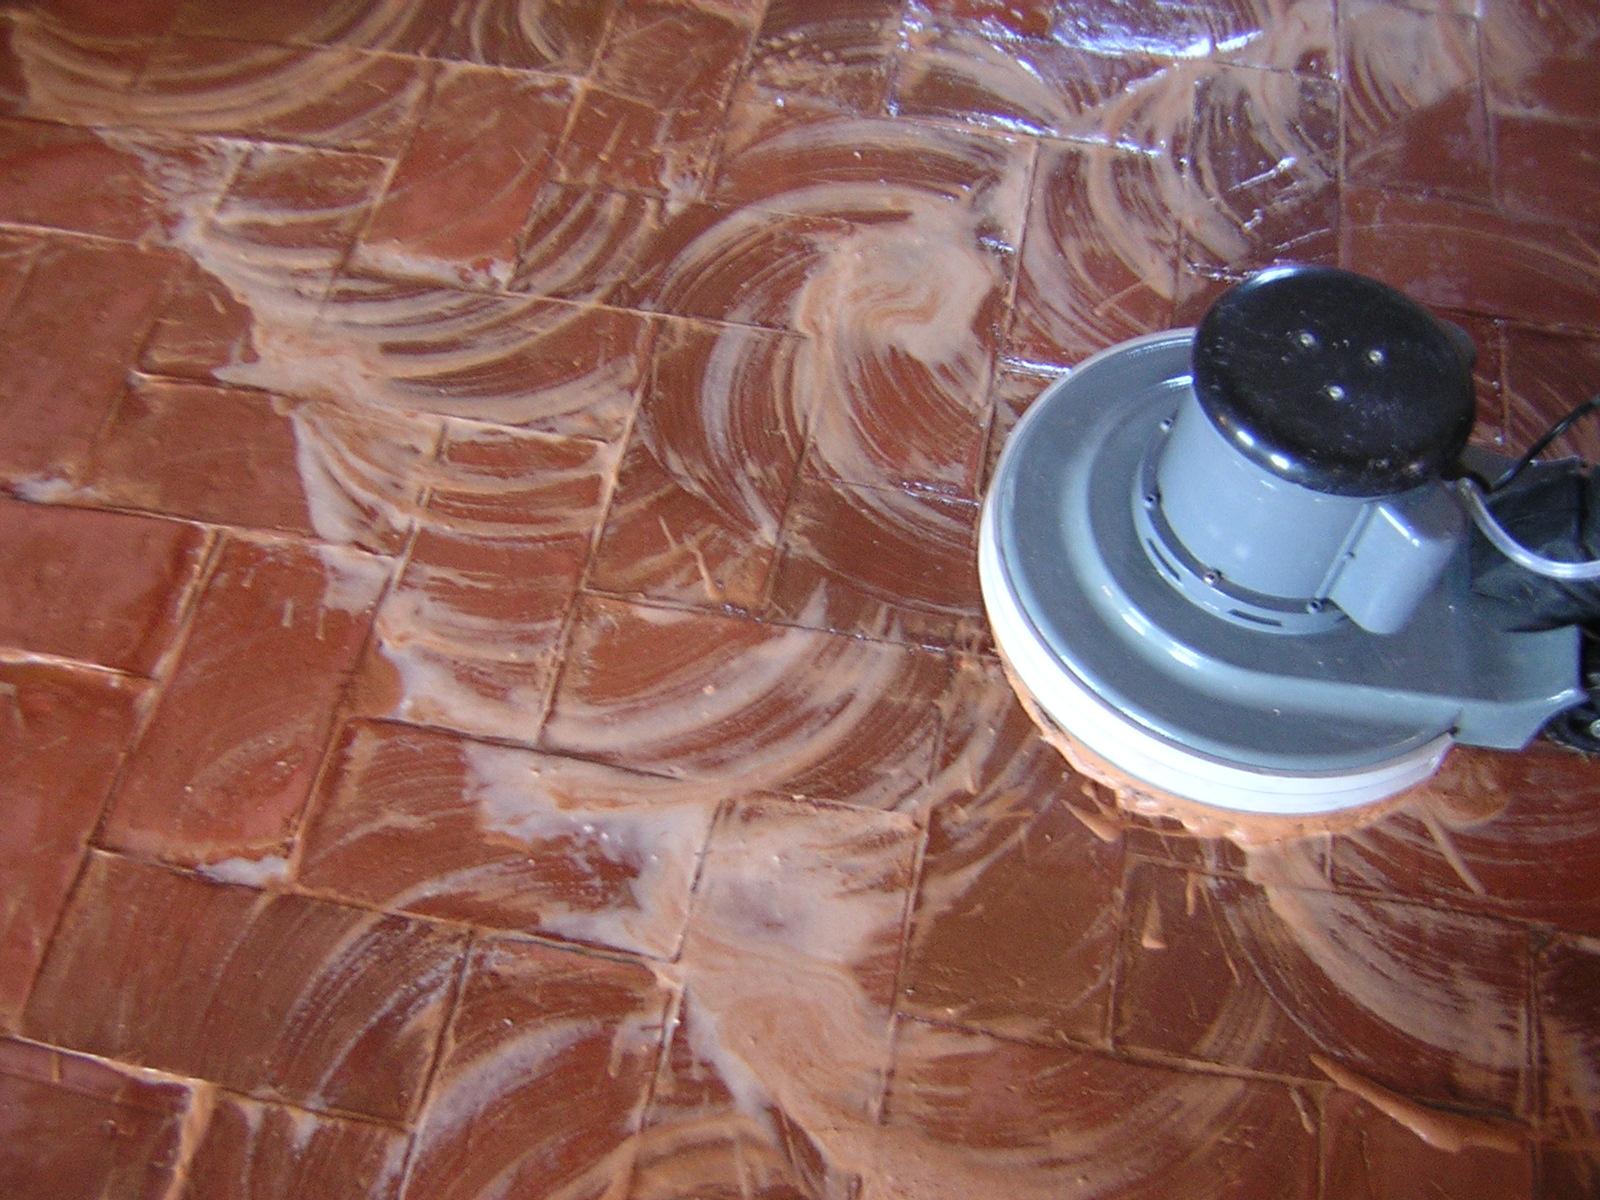 Limpiar y tratar suelos de barro - Como limpiar suelos de barro ...